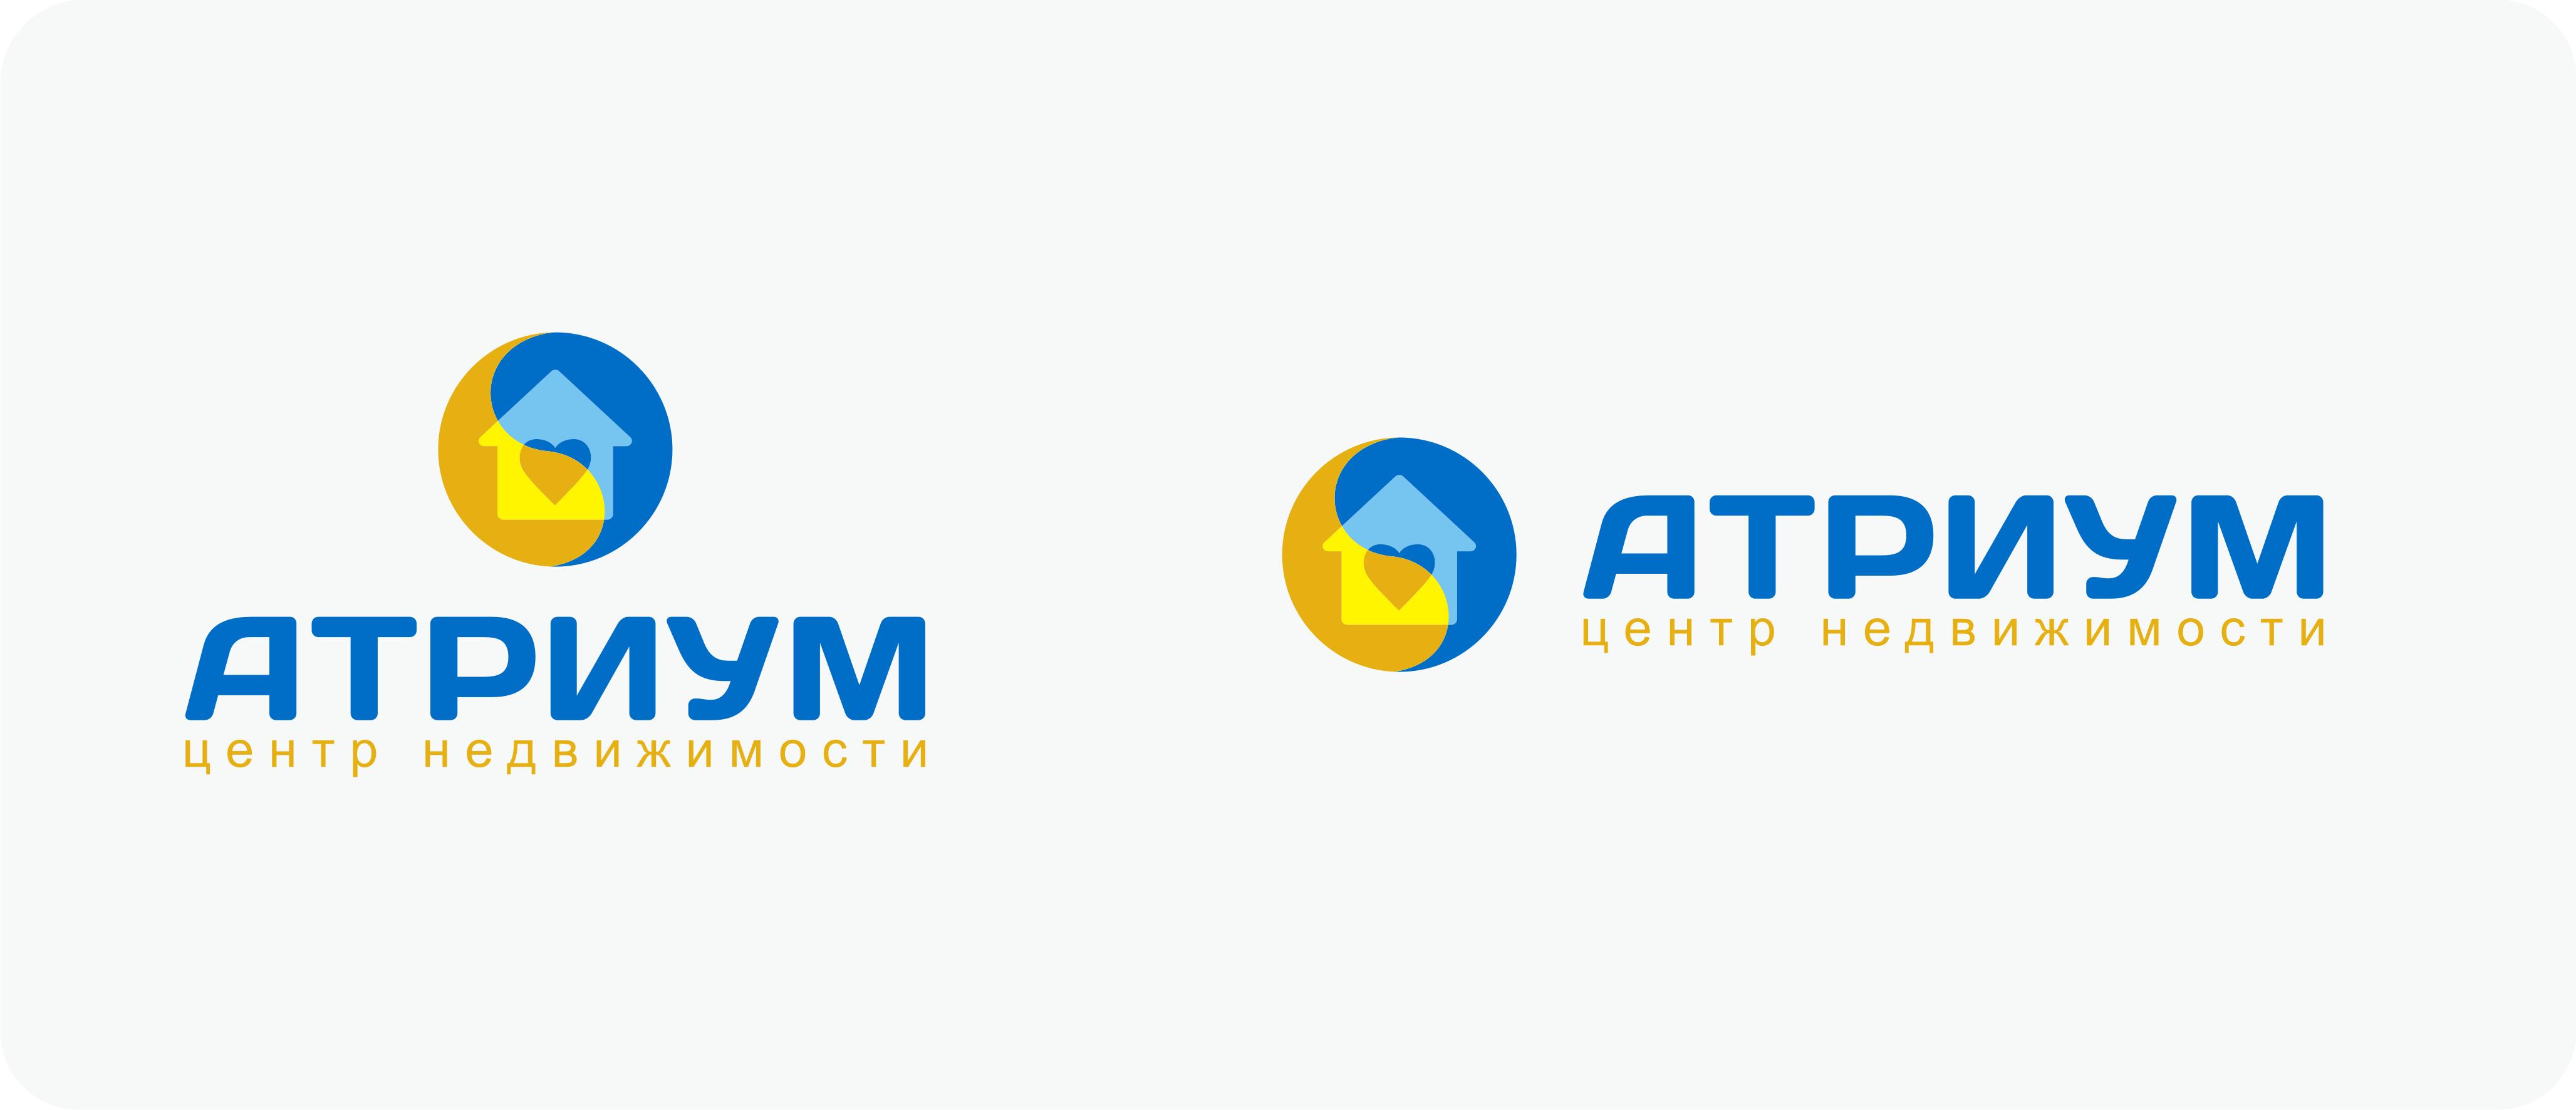 Редизайн / модернизация логотипа Центра недвижимости фото f_3645bc8476881748.jpg